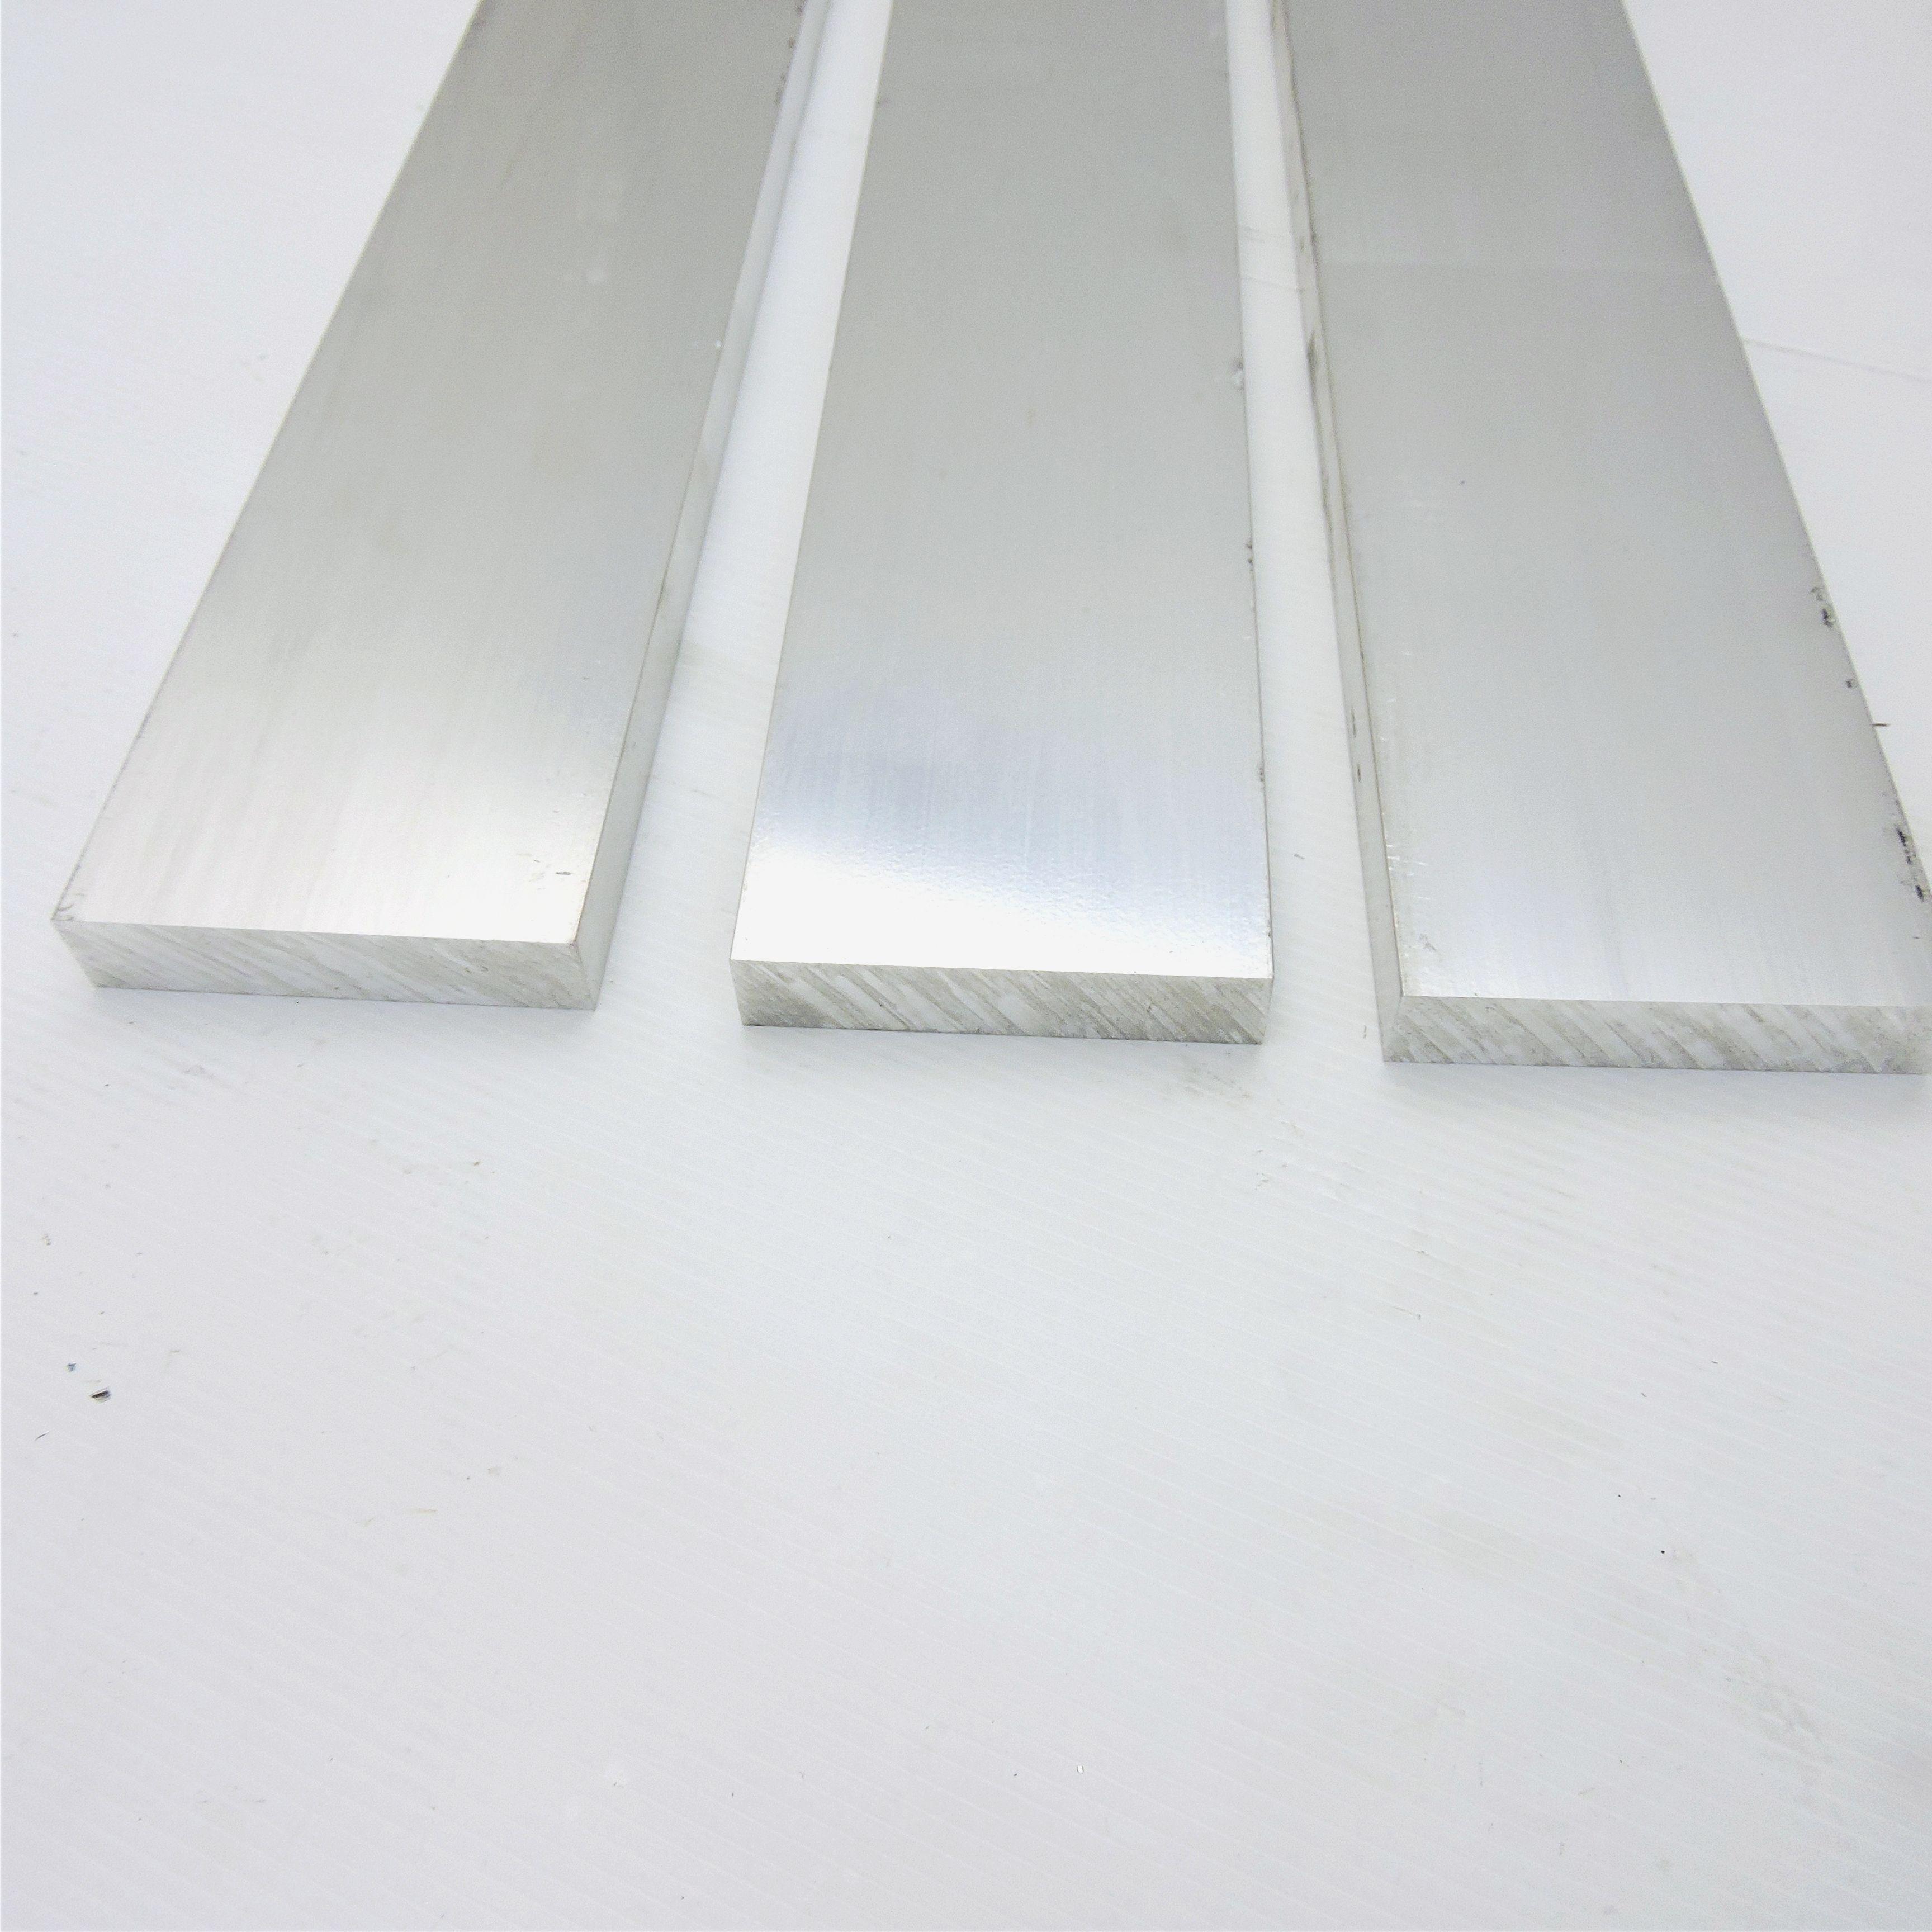 """.625/"""" x 3/"""" Aluminum Solid 6061 FLAT BAR 13.625/"""" Long stock Pieces 3 sku K413"""